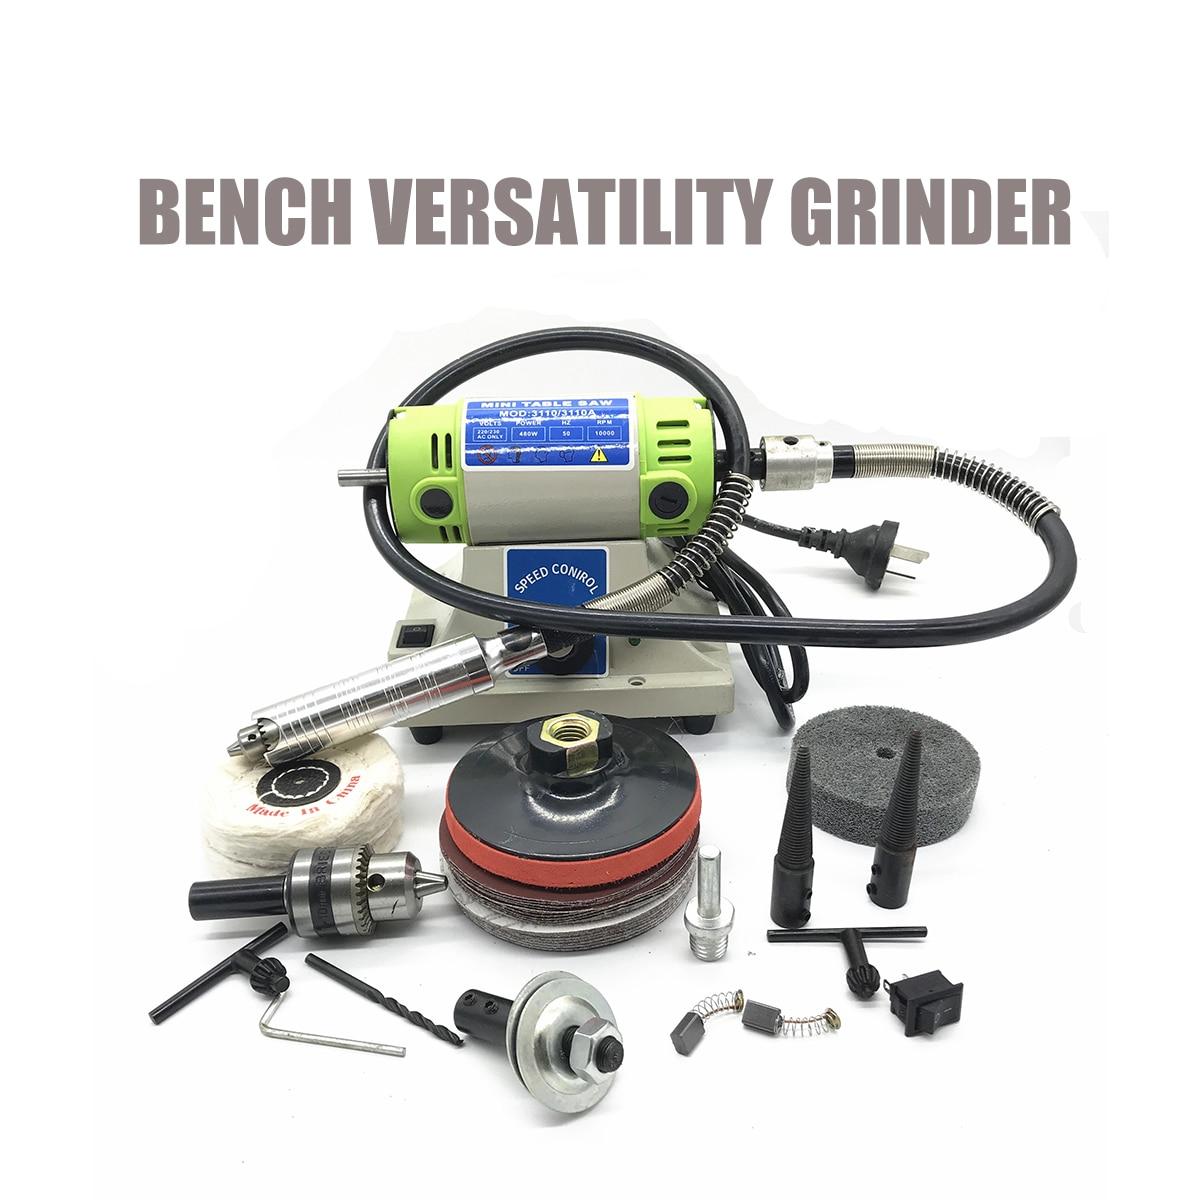 Mini banco moedor de versatilidade elétrica máquina moagem 4mm chuck ferramenta rotativa velocidade variável com tubo flexível ferramentas elétricas